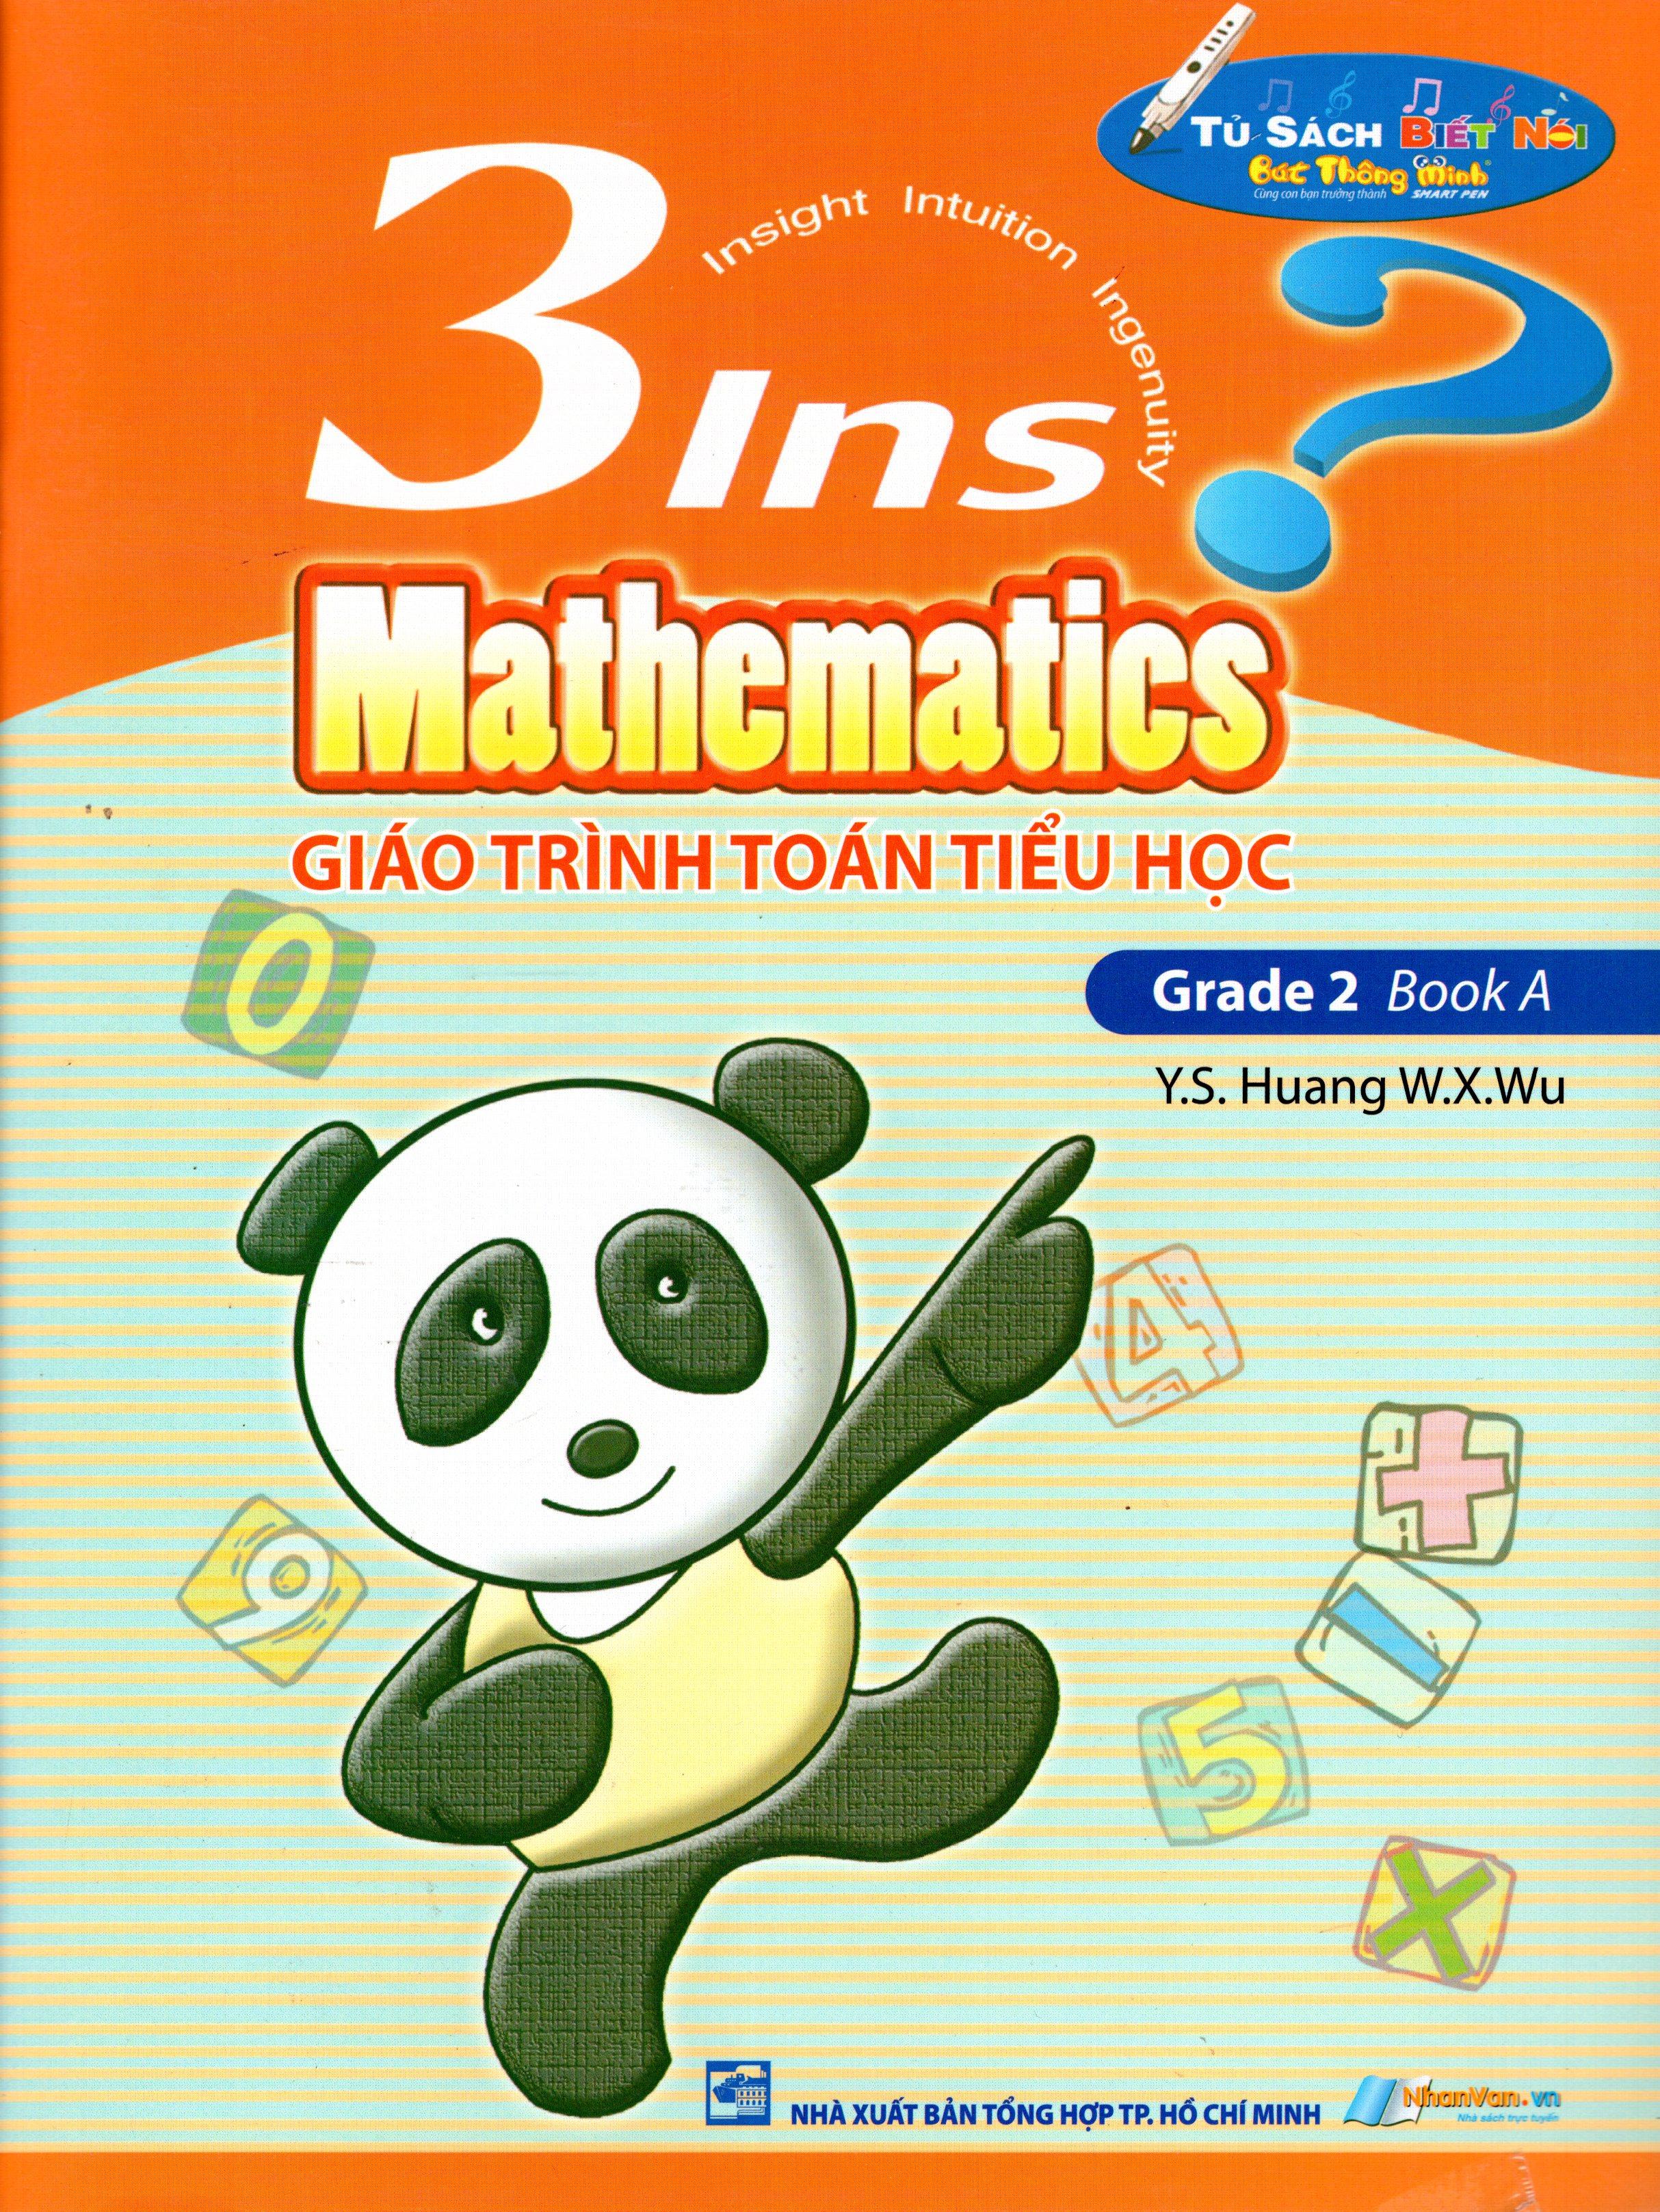 Bìa sách Giáo Trình Toán Tiểu Học - 3Ins Mathematics - Grade 2 Book A